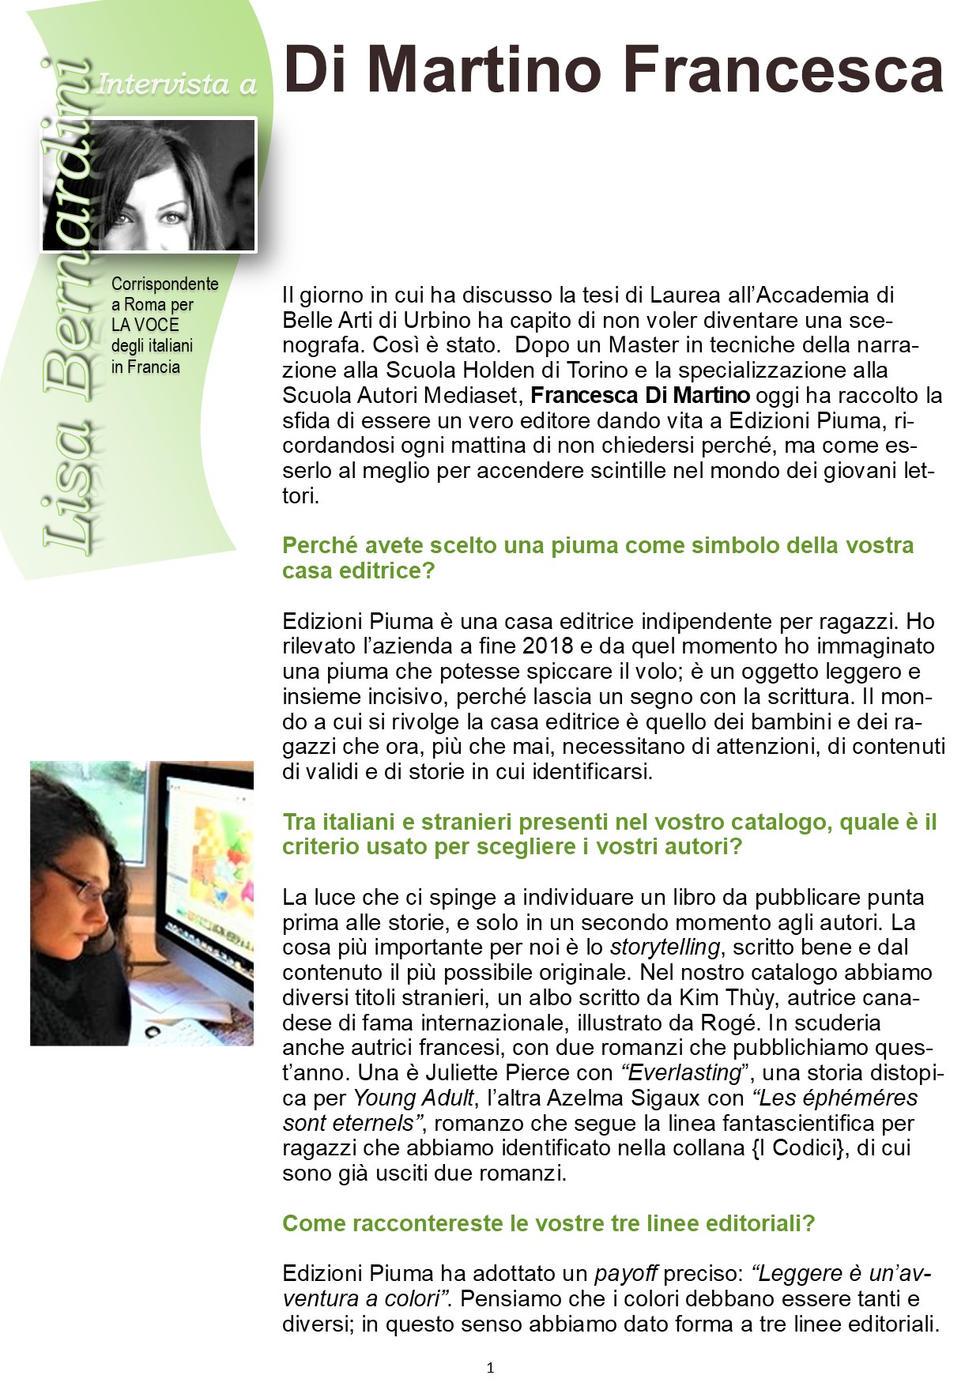 5 art DI MARTINO 1 Francesca 13052021.jp